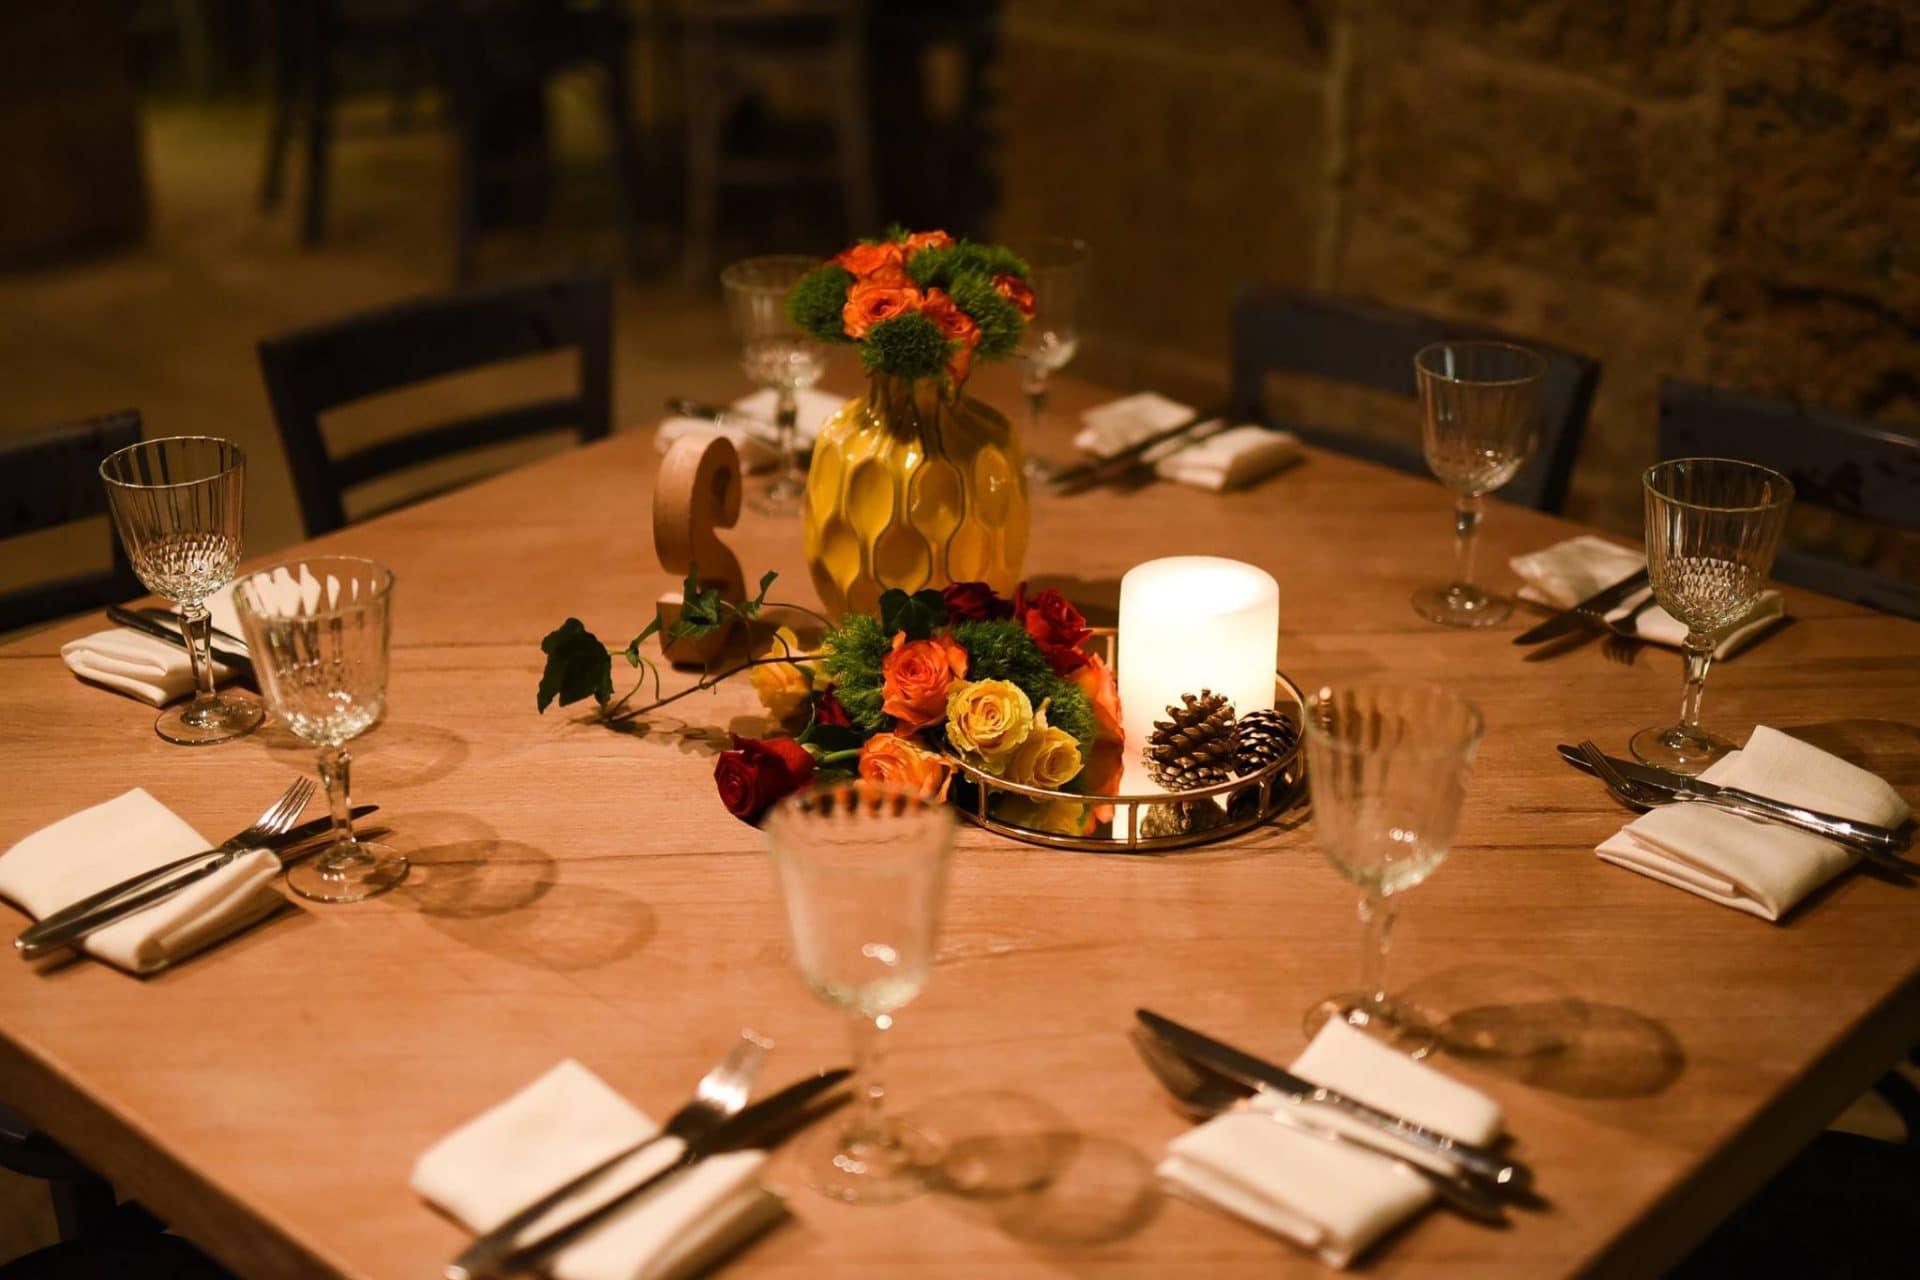 שולחן מעוצב לחתונה | People Photography